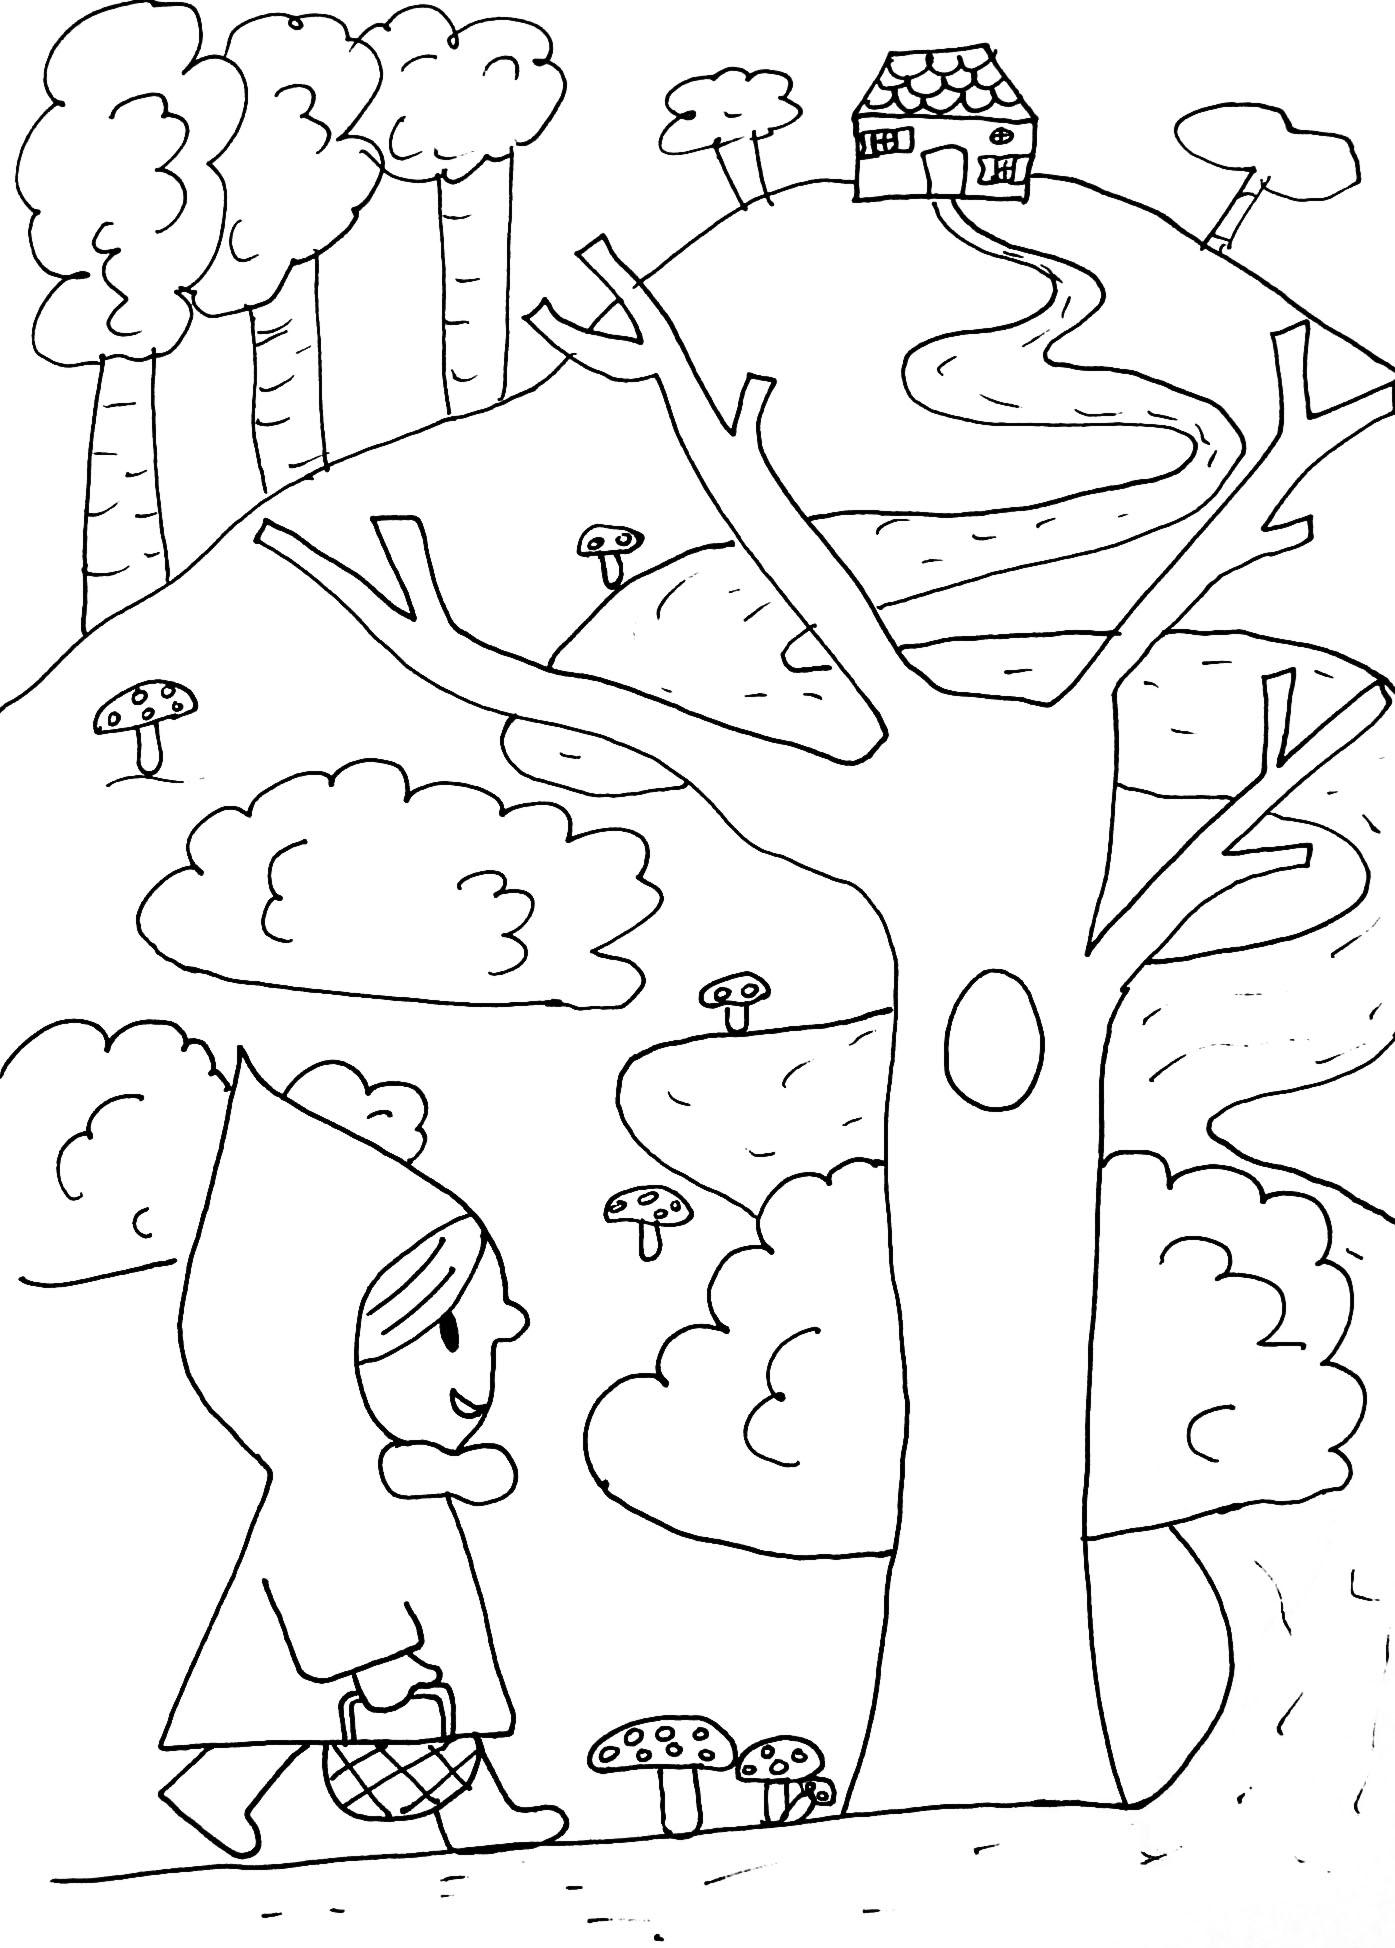 Petit chaperon rouge chemin coloriage contes classiques coloriages pour enfants - Coloriage le petit chaperon rouge ...